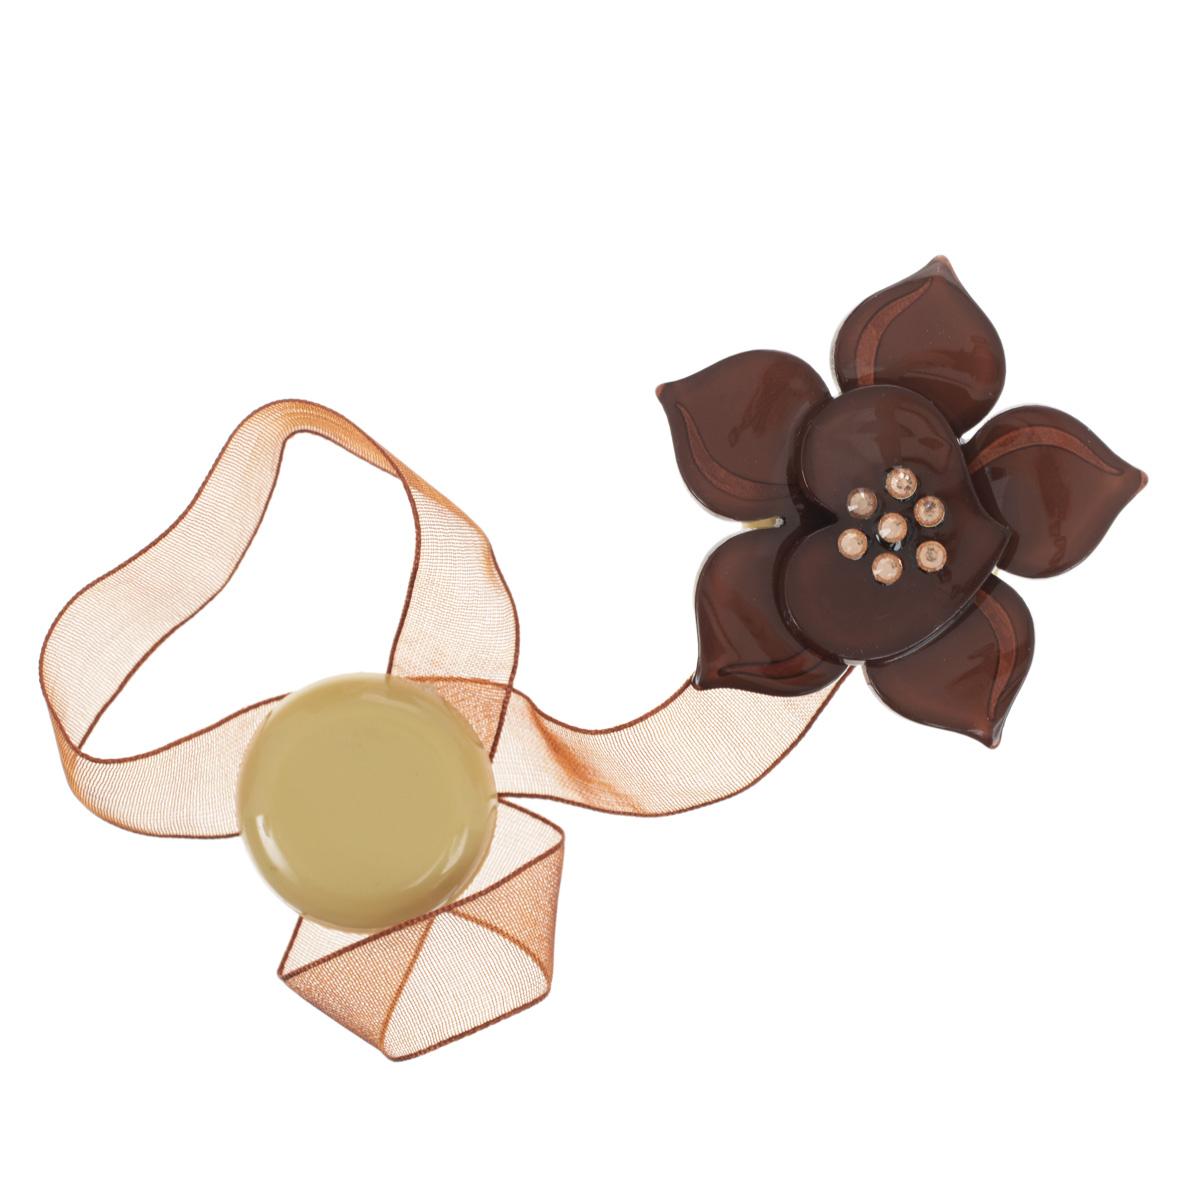 Клипса-магнит для штор Calamita Fiore, цвет: оливковый (А700). 7704006_700CLP446Клипса-магнит Calamita Fiore, изготовленная из пластика и текстиля, предназначена для придания формы шторам. Изделие представляет собой два магнита, расположенные на разных концах текстильной ленты. Один из магнитов оформлен декоративным цветком, украшенным стразами. С помощью такой магнитной клипсы можно зафиксировать портьеры, придать им требуемое положение, сделать складки симметричными или приблизить портьеры, скрепить их. Клипсы для штор являются универсальным изделием, которое превосходно подойдет как для штор в детской комнате, так и для штор в гостиной. Следует отметить, что клипсы для штор выполняют не только практическую функцию, но также являются одной из основных деталей декора этого изделия, которая придает шторам восхитительный, стильный внешний вид. Диаметр декоративного цветка: 5 см.Диаметр магнита: 2,5 см.Длина ленты: 27 см.